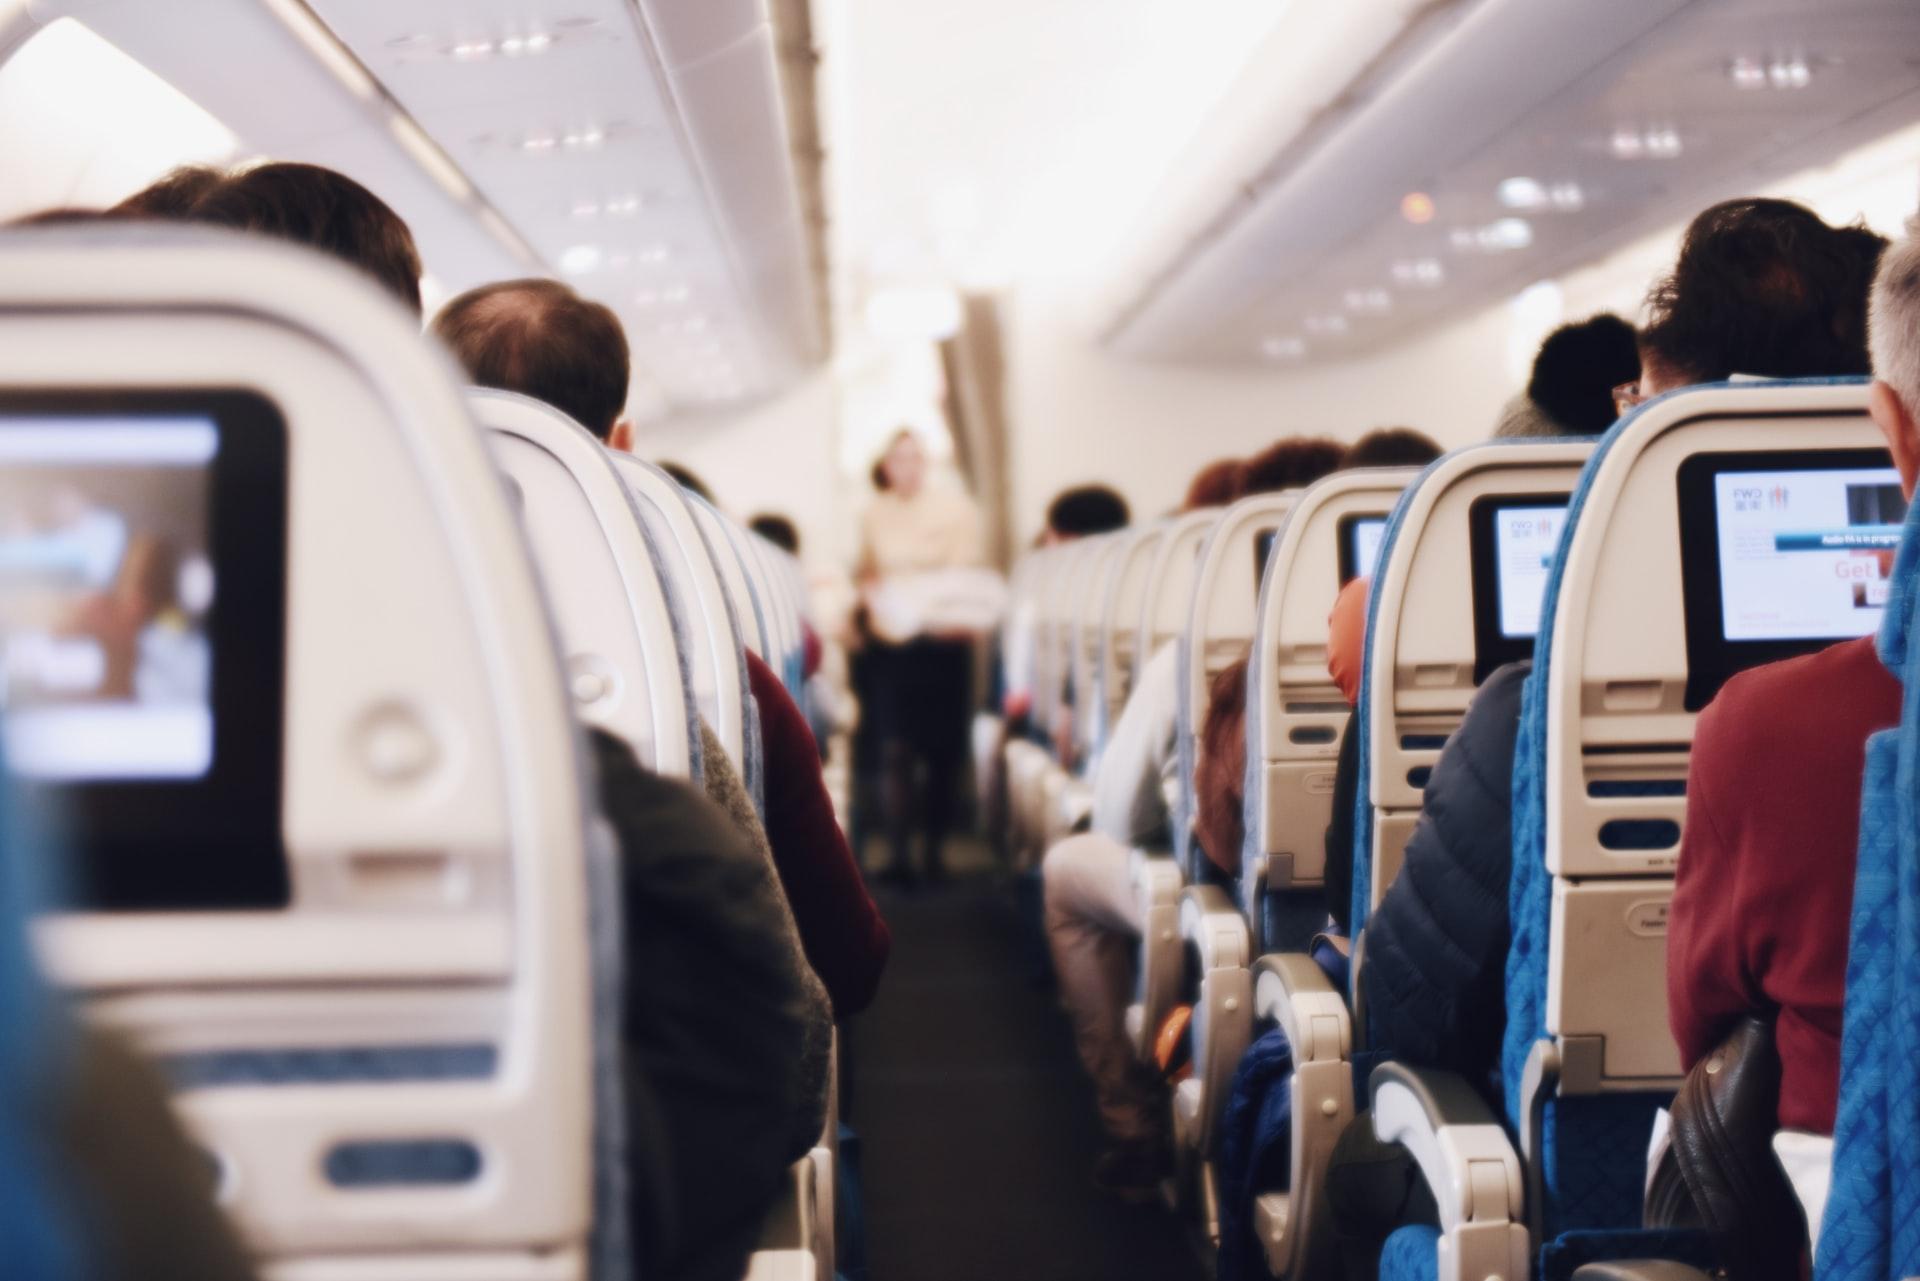 Contagio en un avión